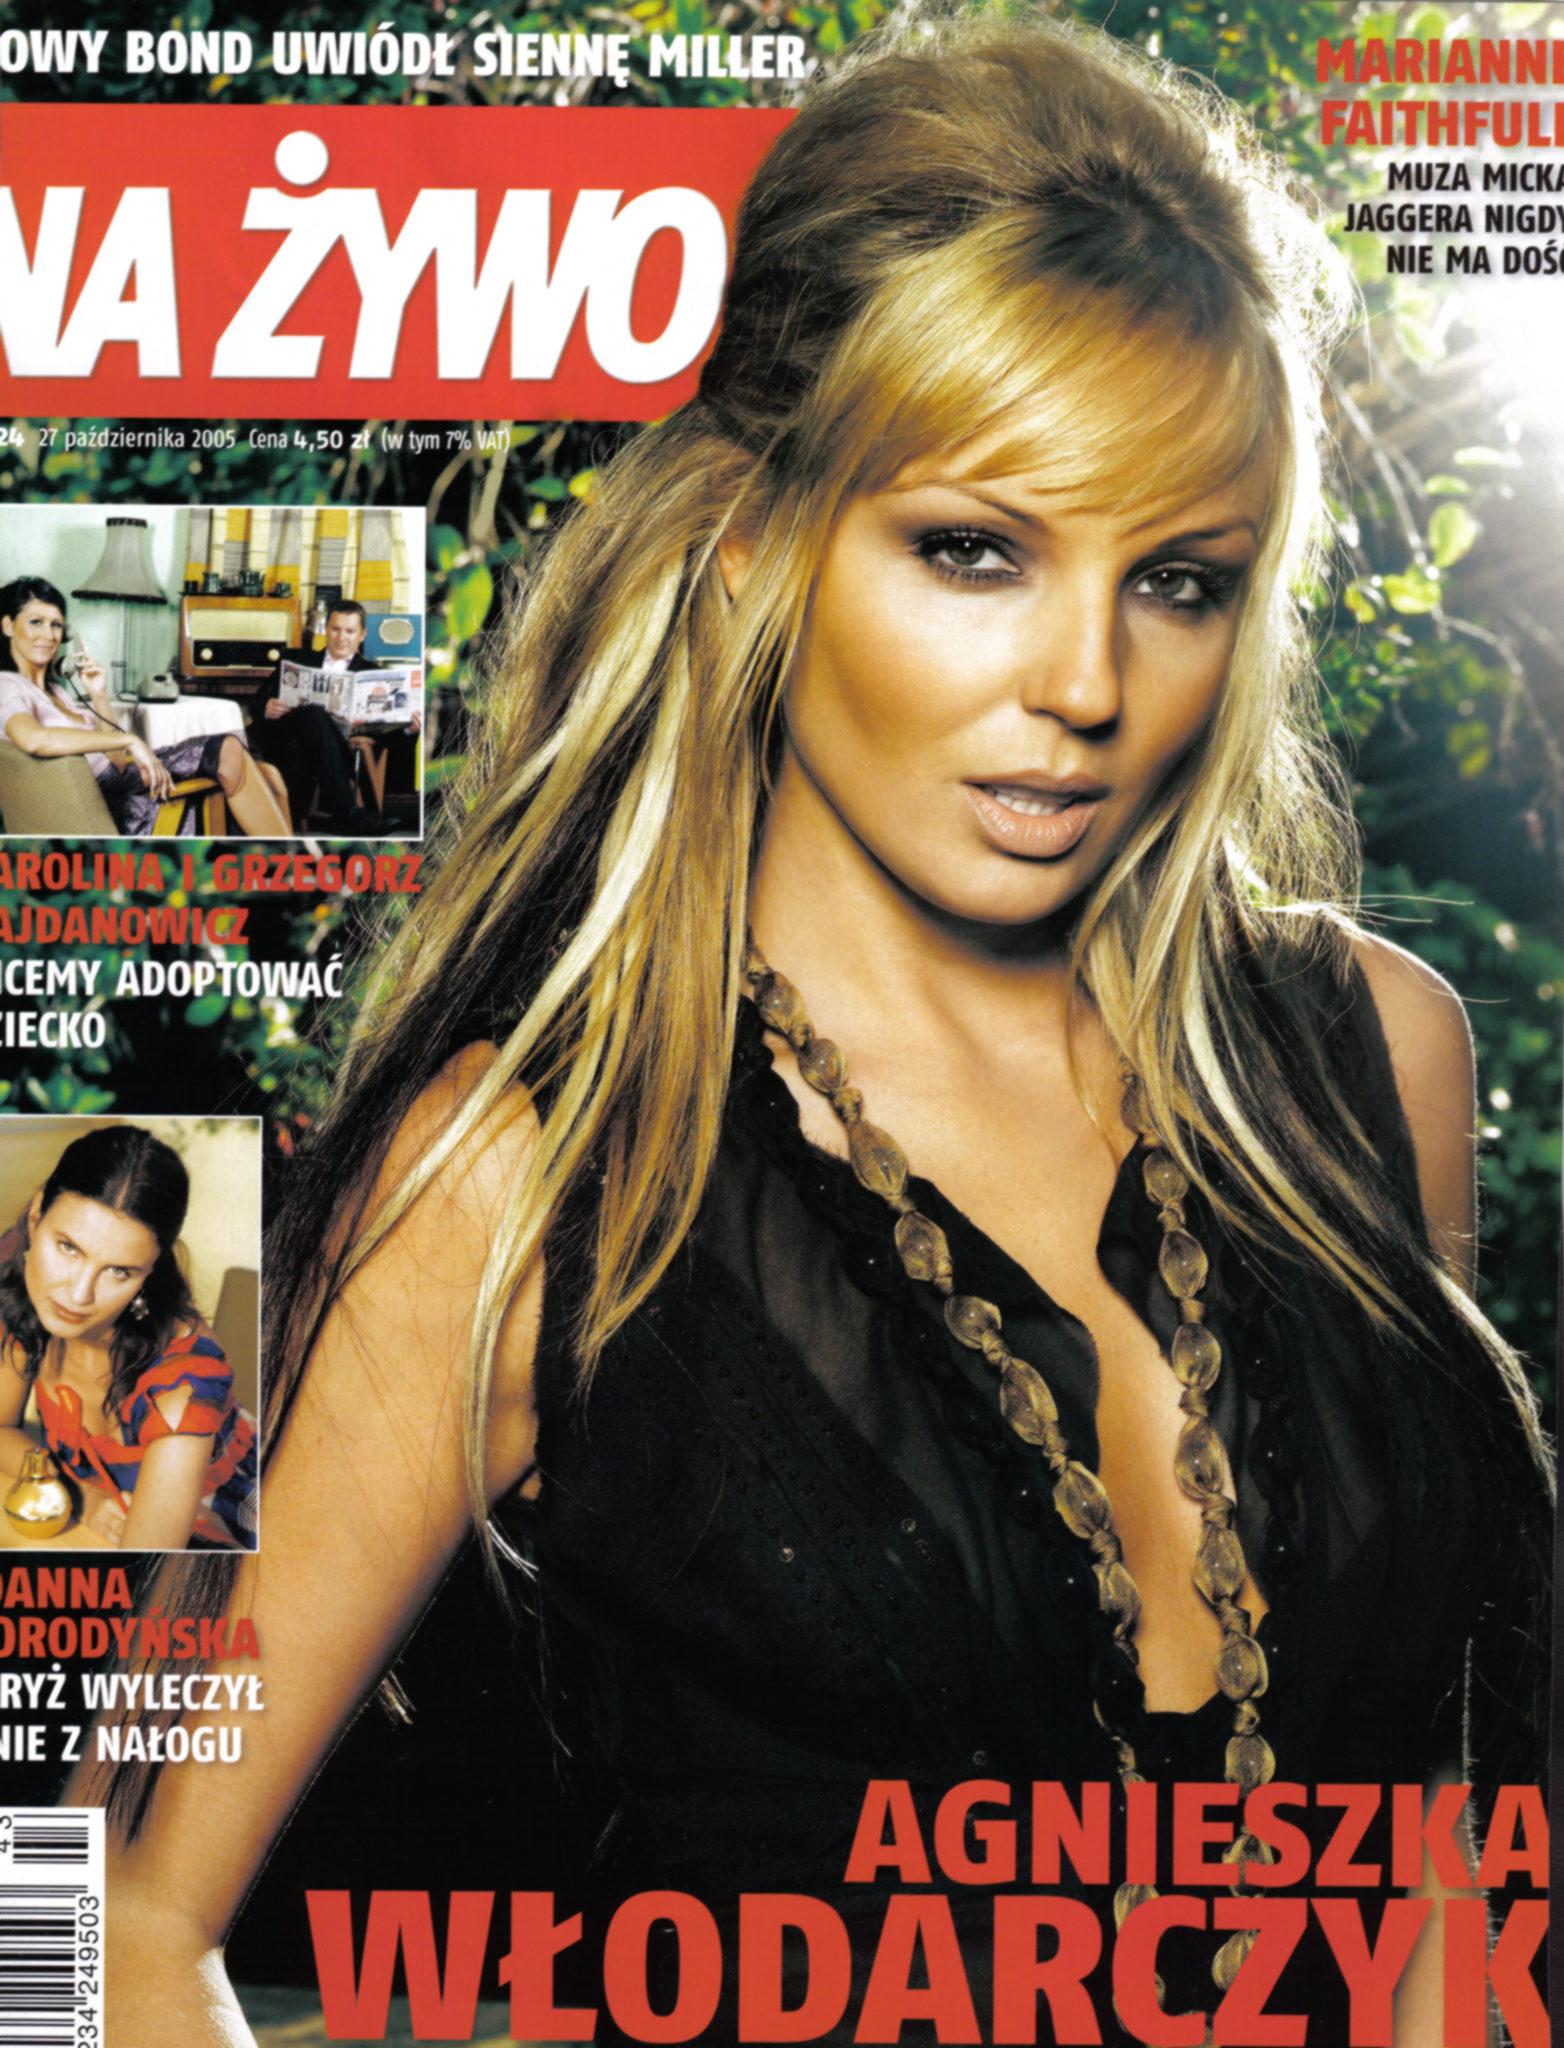 Agnieszka Włodarczyk w obiektywie Adama Wlazłego